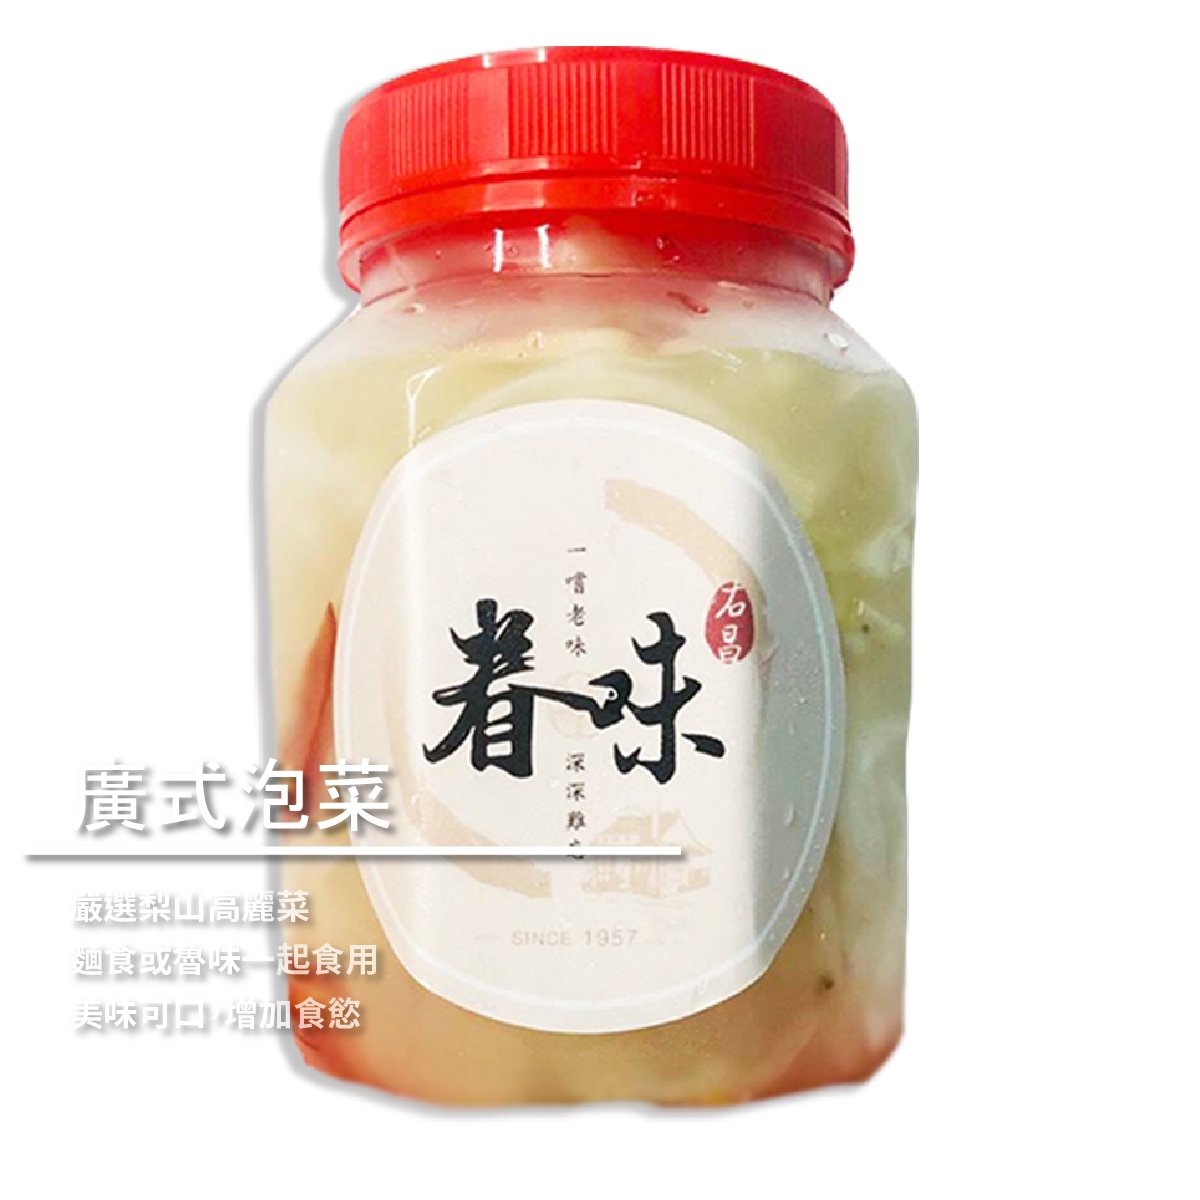 【右昌眷味私廚】廣式泡菜 450g/罐